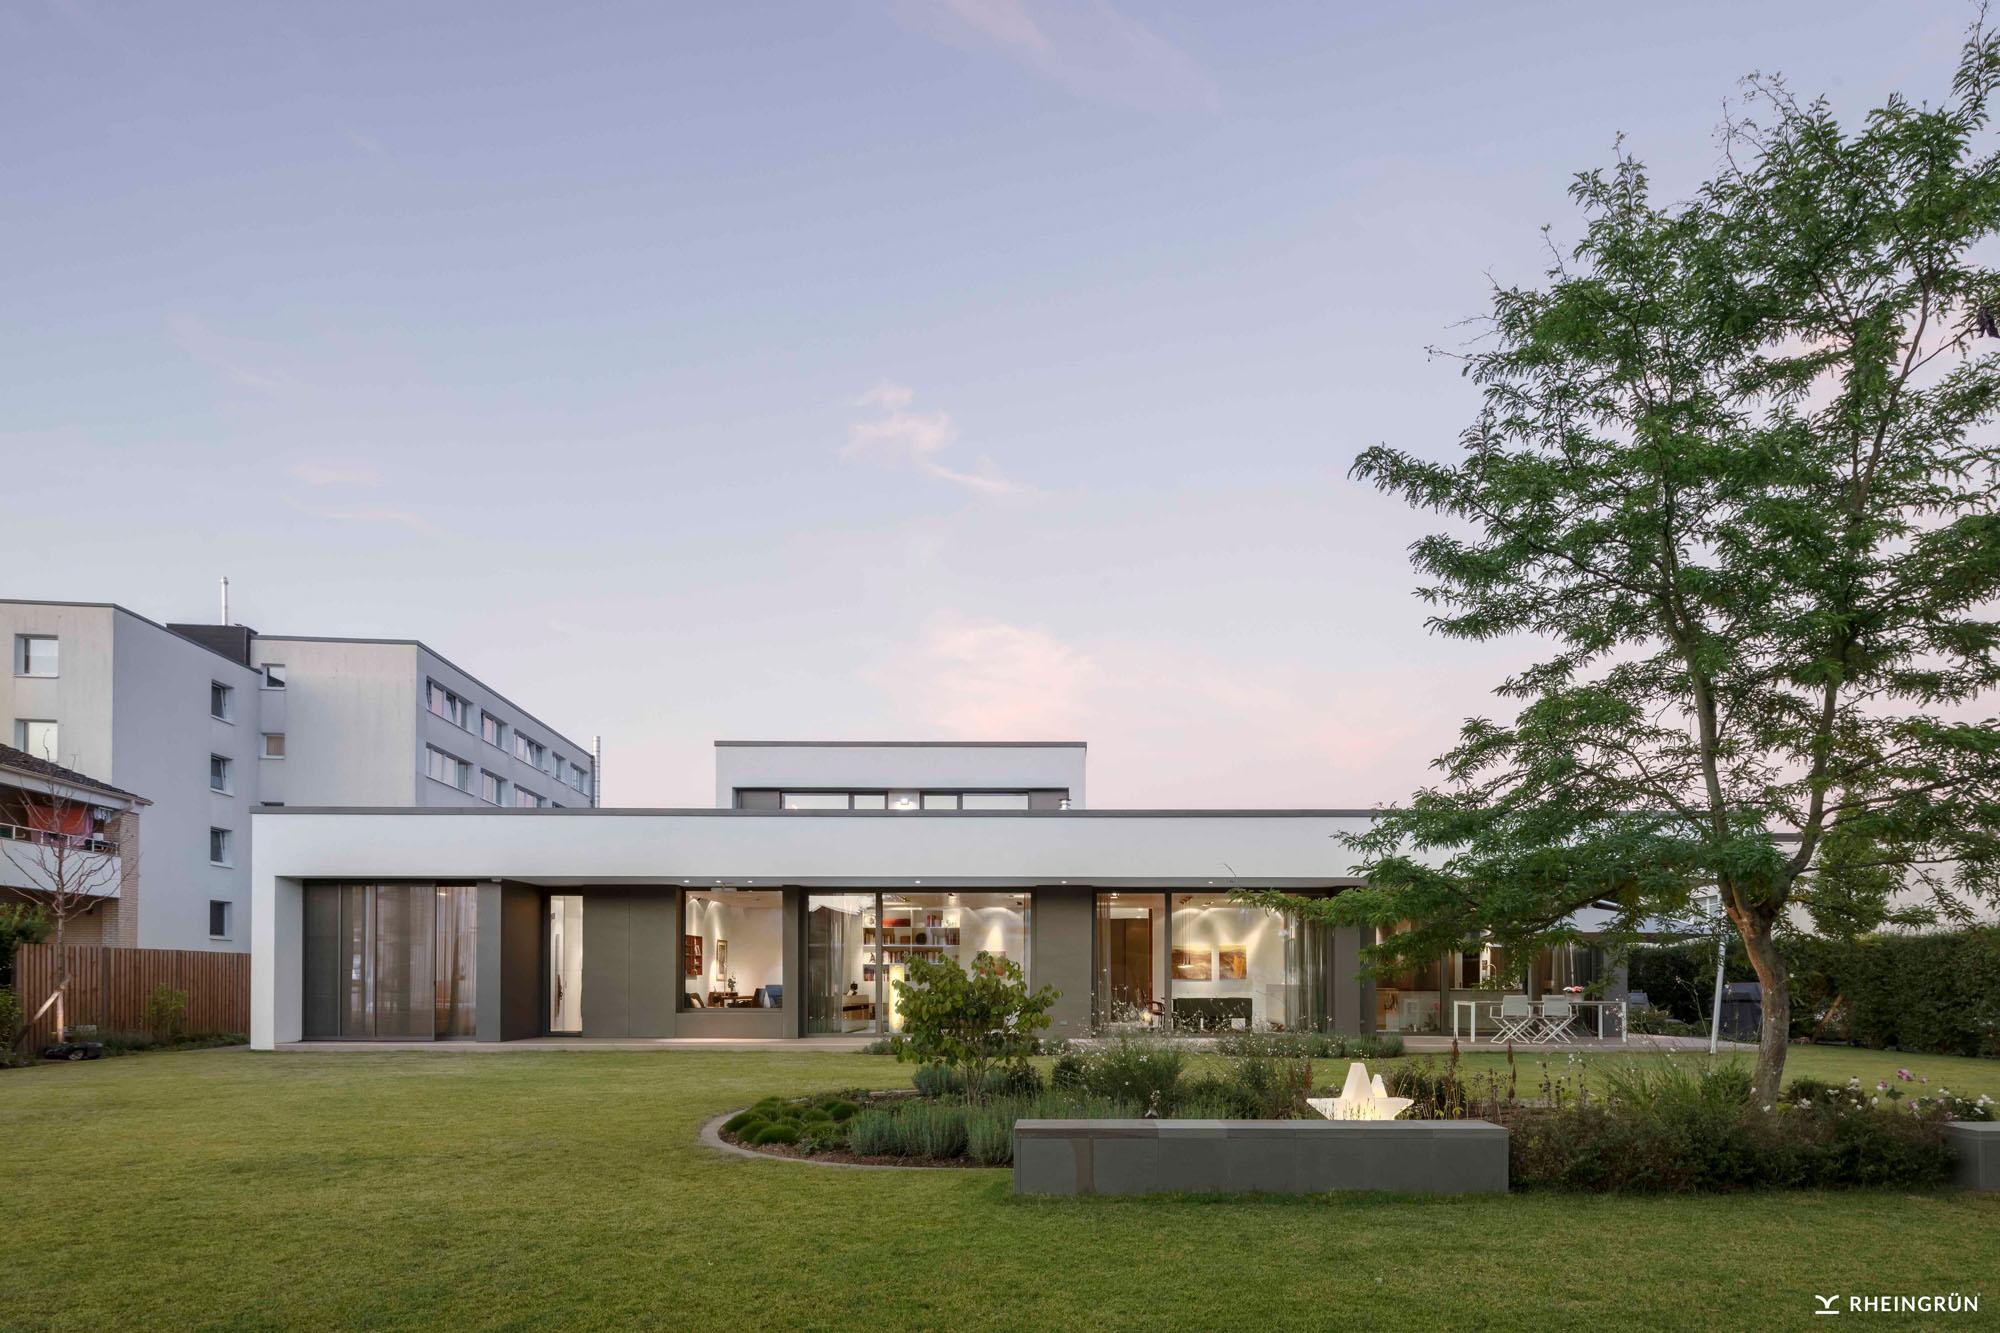 Villa mit Flachdach, großer Rasenfläche und akzentuierter Bepflanzung